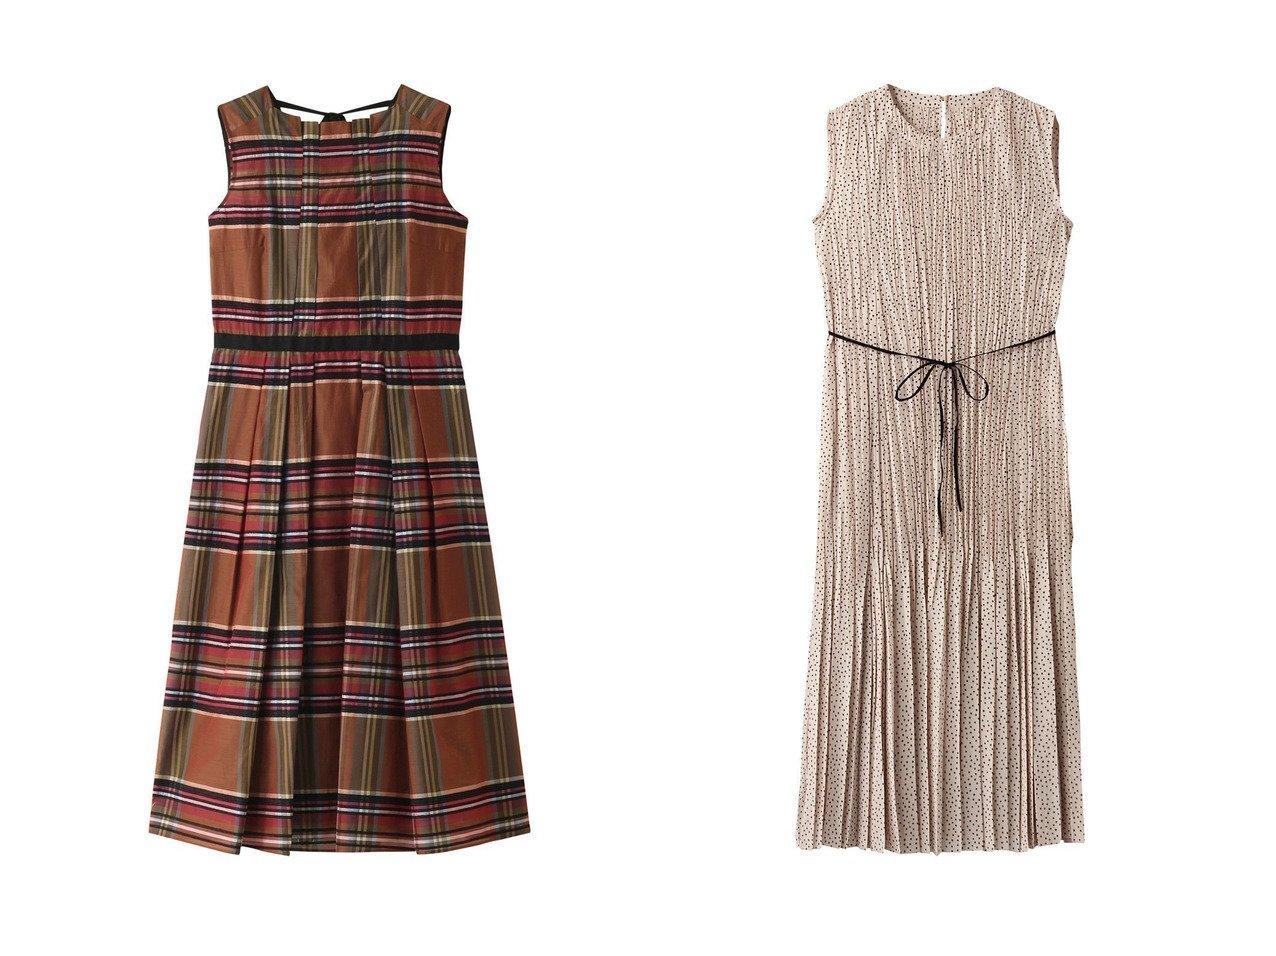 【ANAYI/アナイ】のスクエアドットPTプリーツワンピース&タータンチェックスタンドネックワンピース ワンピース・ドレスのおすすめ!人気、トレンド・レディースファッションの通販 おすすめで人気の流行・トレンド、ファッションの通販商品 メンズファッション・キッズファッション・インテリア・家具・レディースファッション・服の通販 founy(ファニー) https://founy.com/ ファッション Fashion レディースファッション WOMEN ワンピース Dress クラシカル フィット フレア フロント リボン シューズ スクエア ドット フェミニン プリーツ 無地 羽織 |ID:crp329100000013074